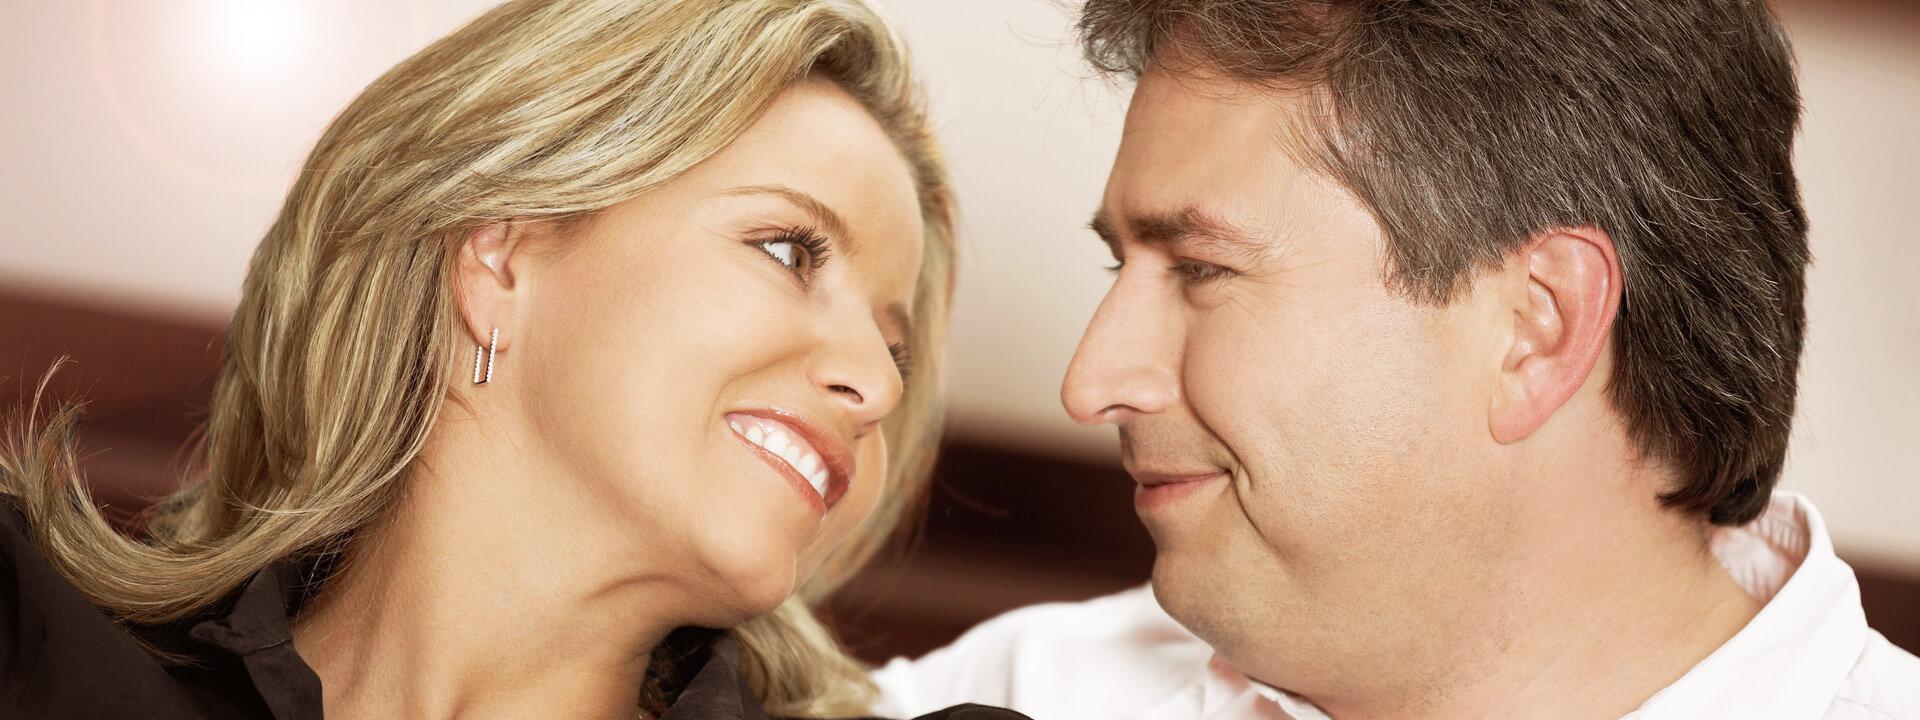 Wichtige Aspekte beim Online-Dating